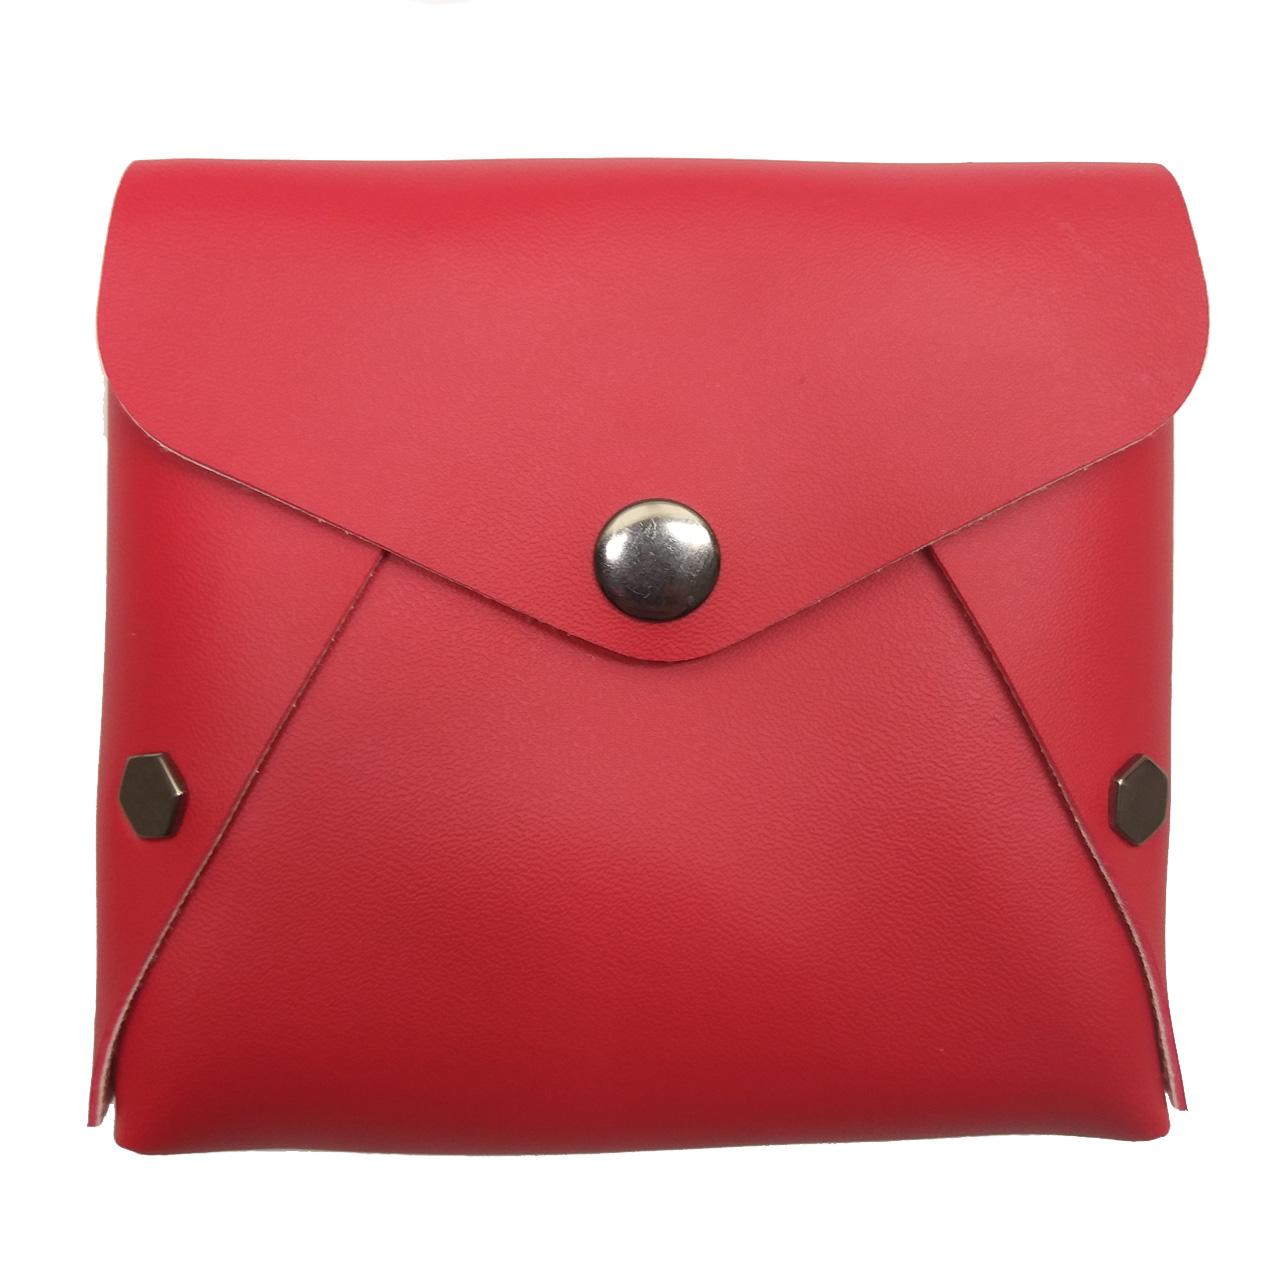 کیف کمری زنانه کد 001